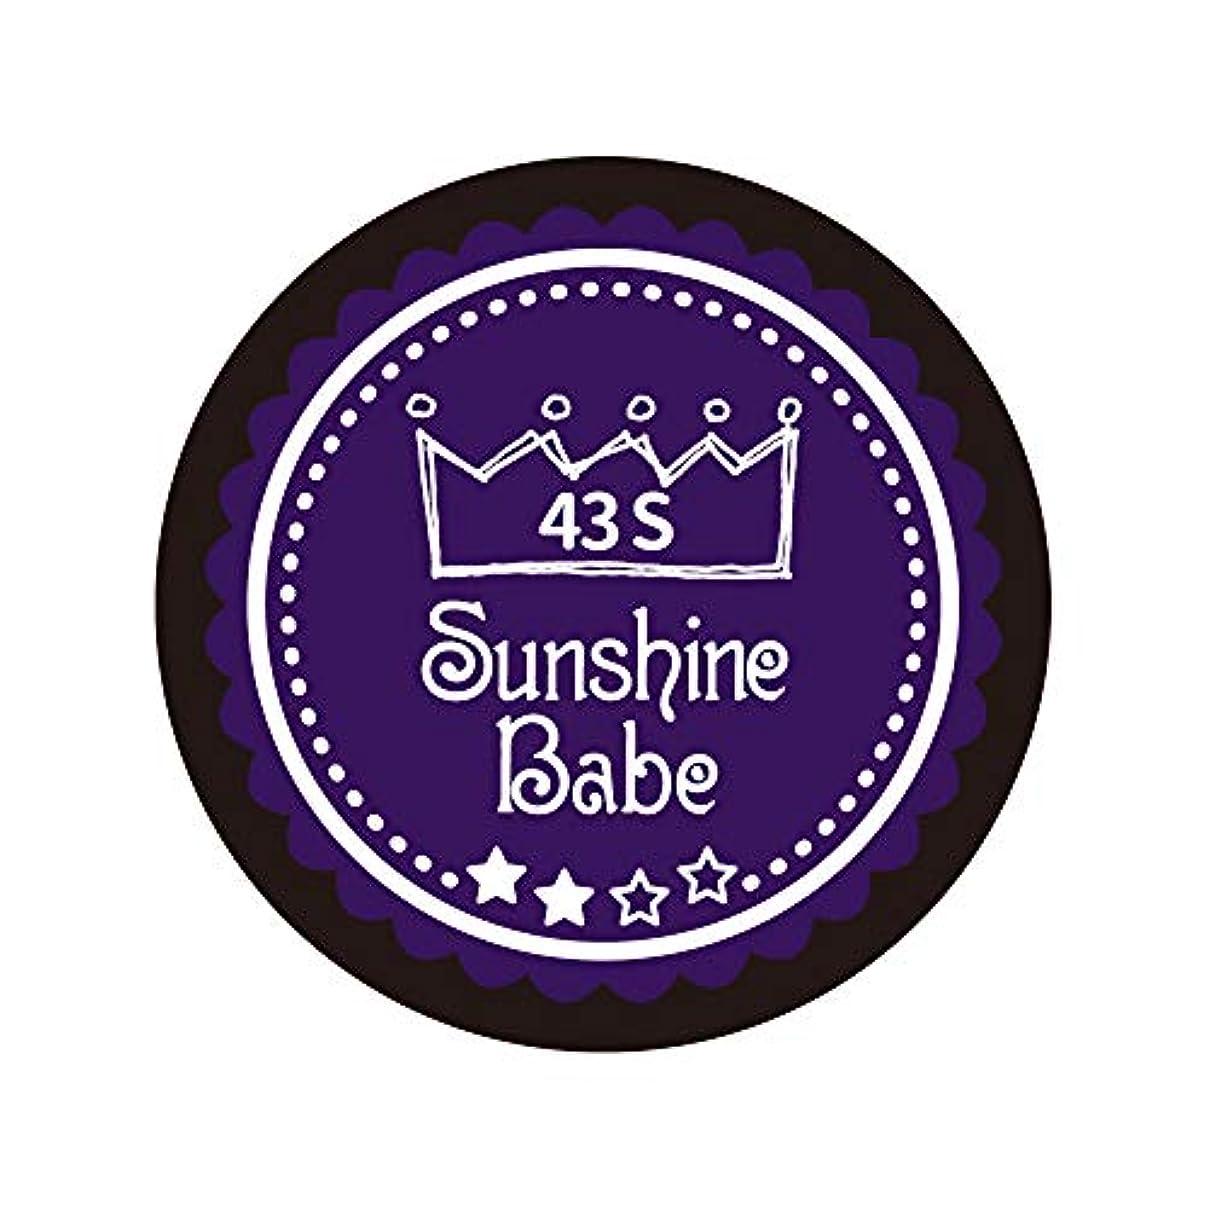 従者ピラミッドなんとなくSunshine Babe カラージェル 43S オータムウルトラバイオレット 4g UV/LED対応